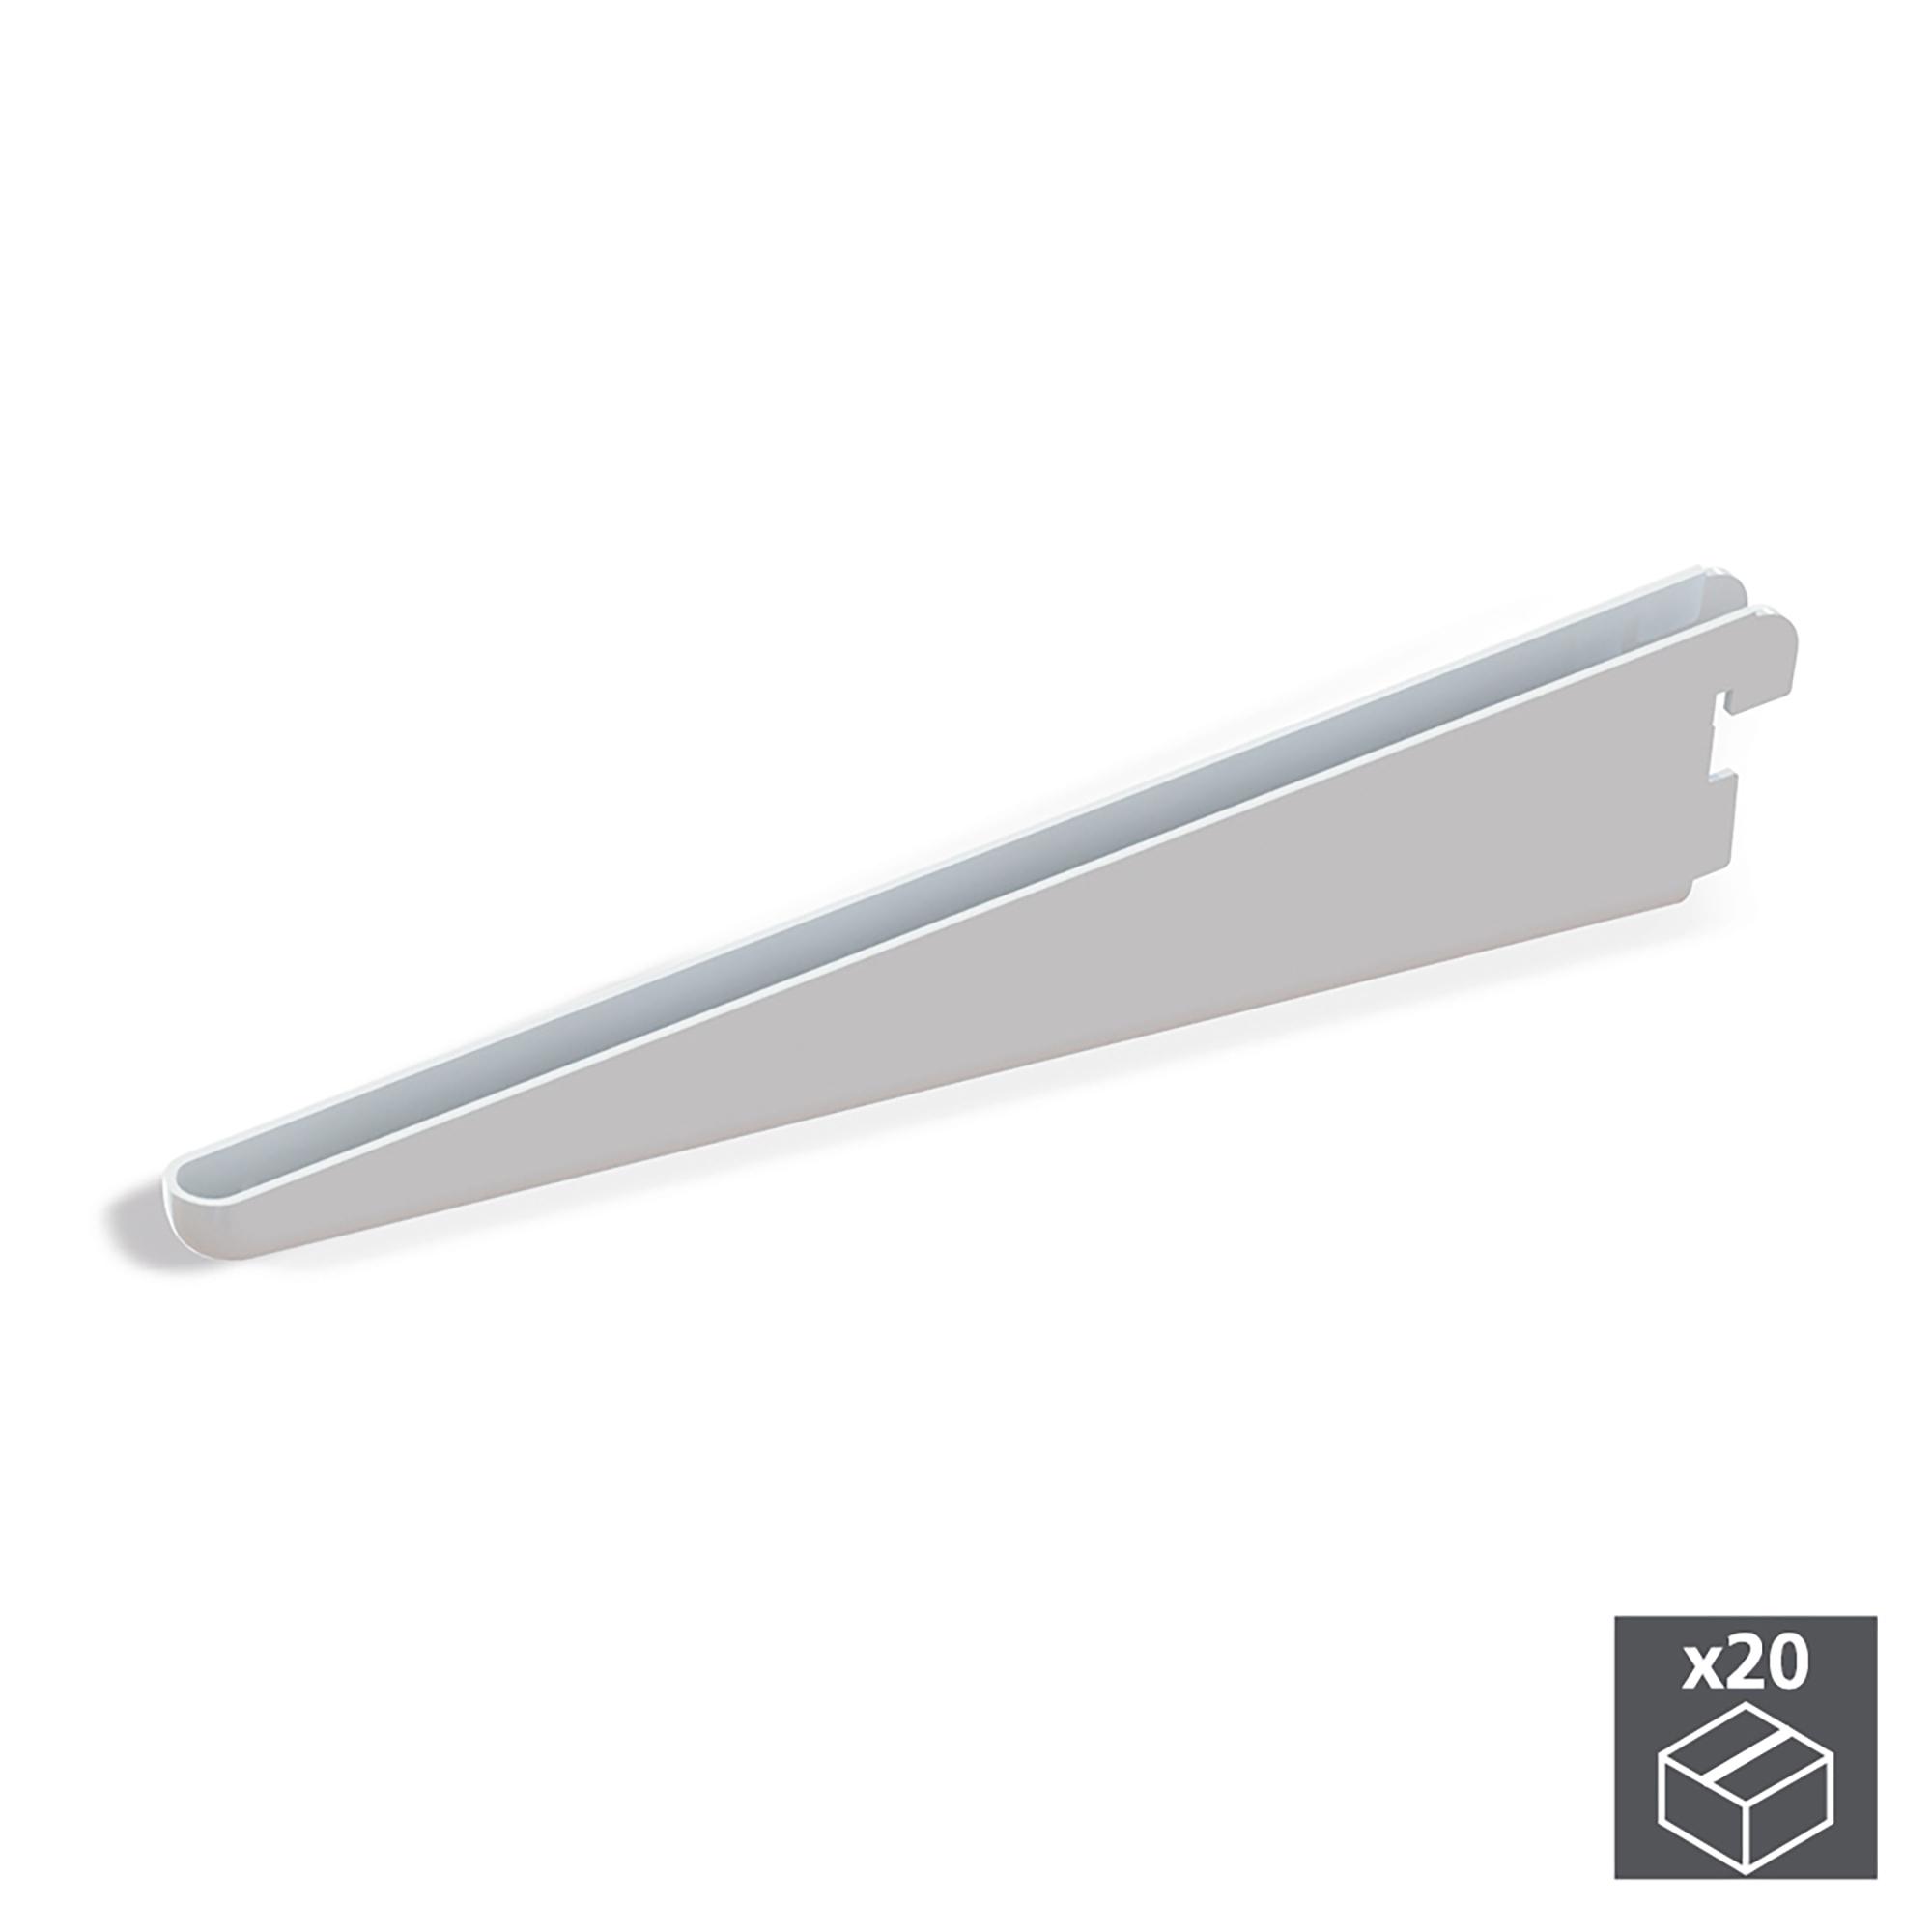 Emuca Supporto per ripiani di legno/vetro, profilo a passo 32 mm, 470 mm, Acciaio, Bianco, 20 u.